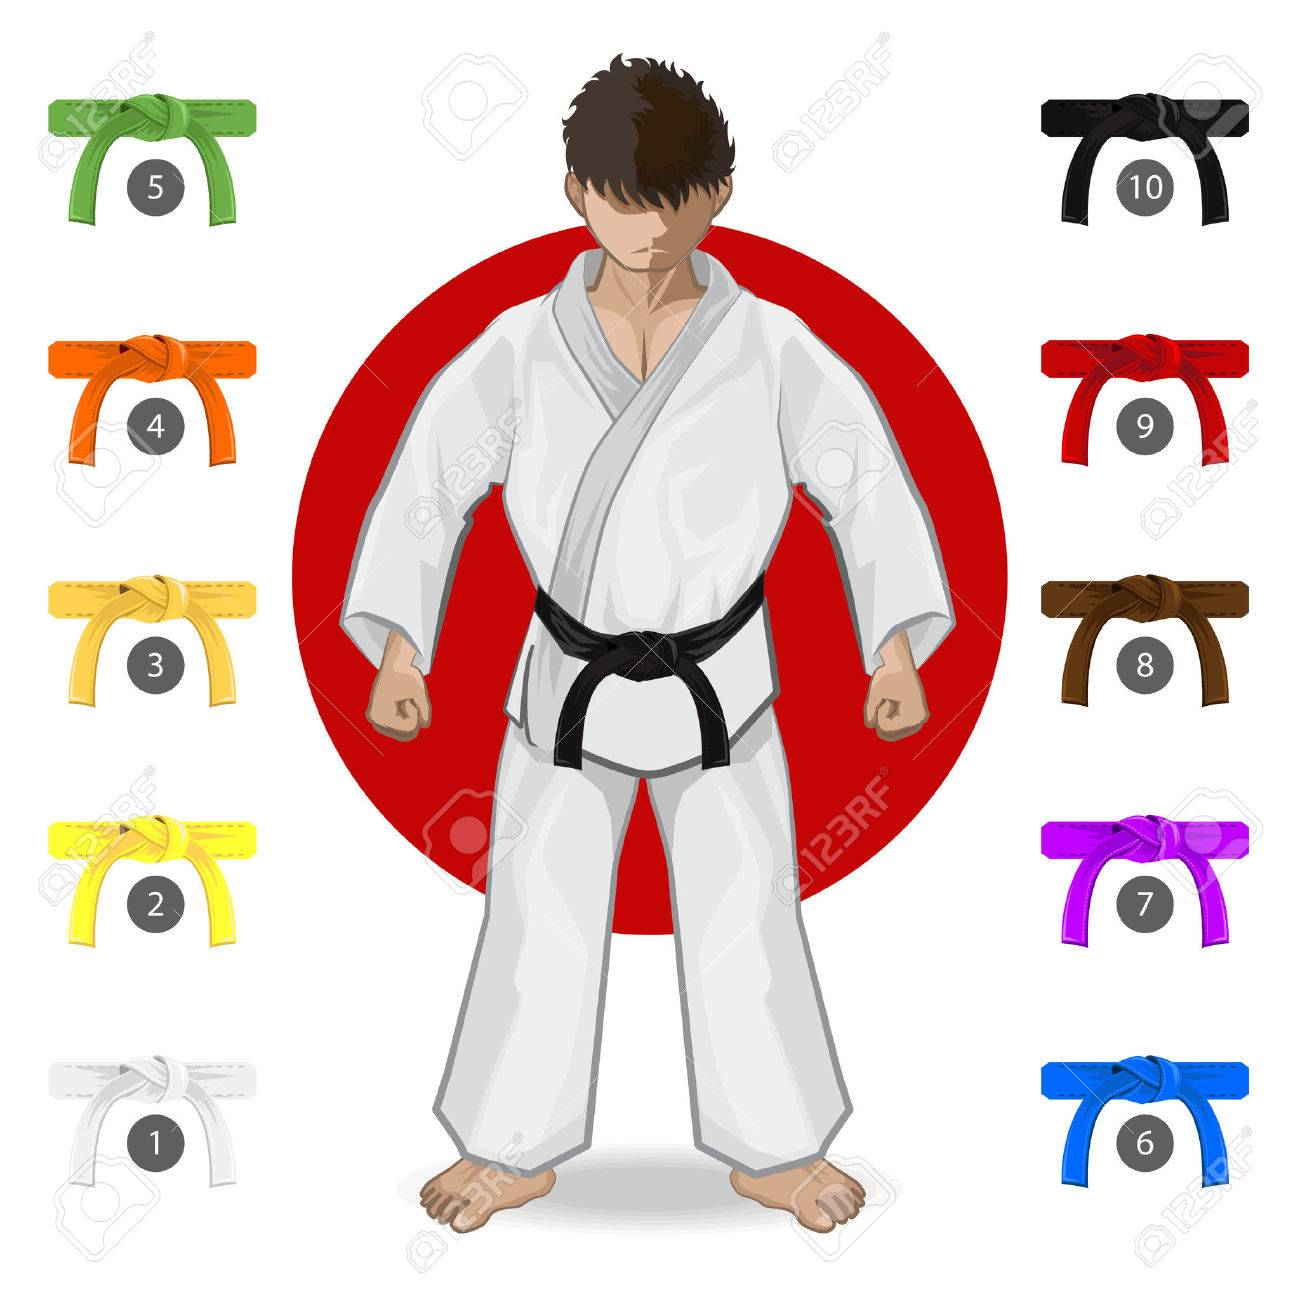 KARATE Martial Art Belt Rank System - 43817604